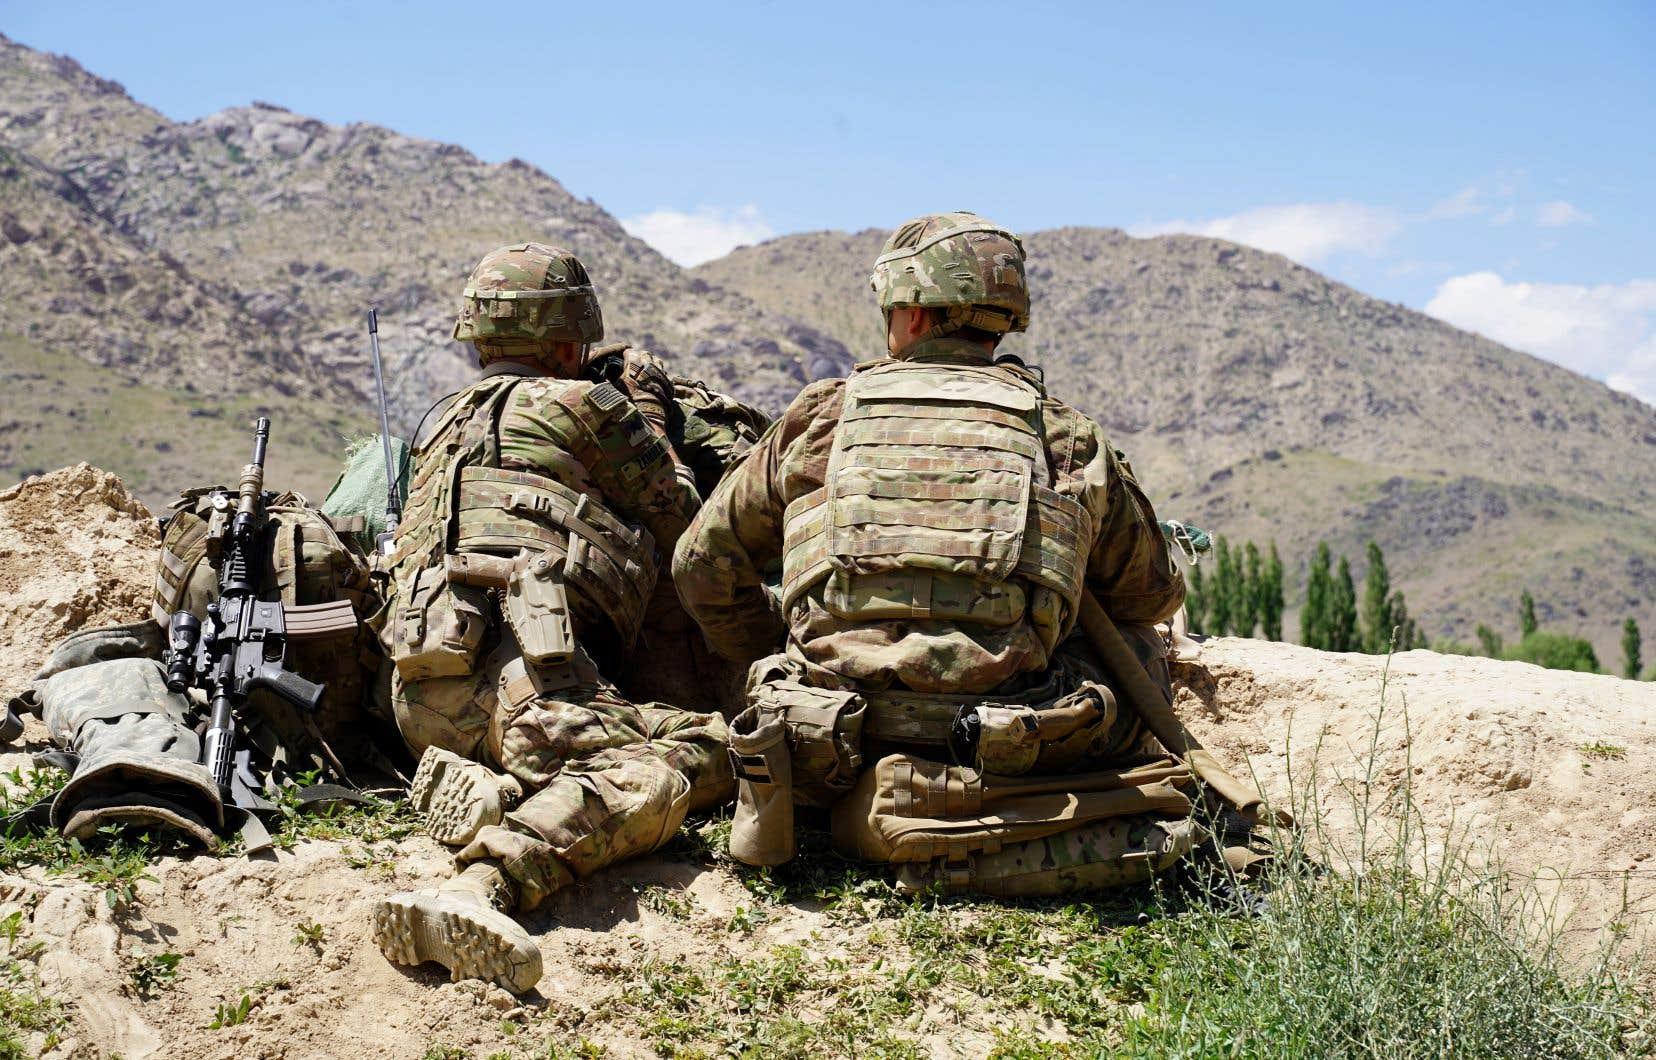 Les gouvernements américains ont assuré publiquement depuis 2002 qu'ils faisaient des progrès contre les insurgés en Afghanistan, tout en admettant le contraire en privé.